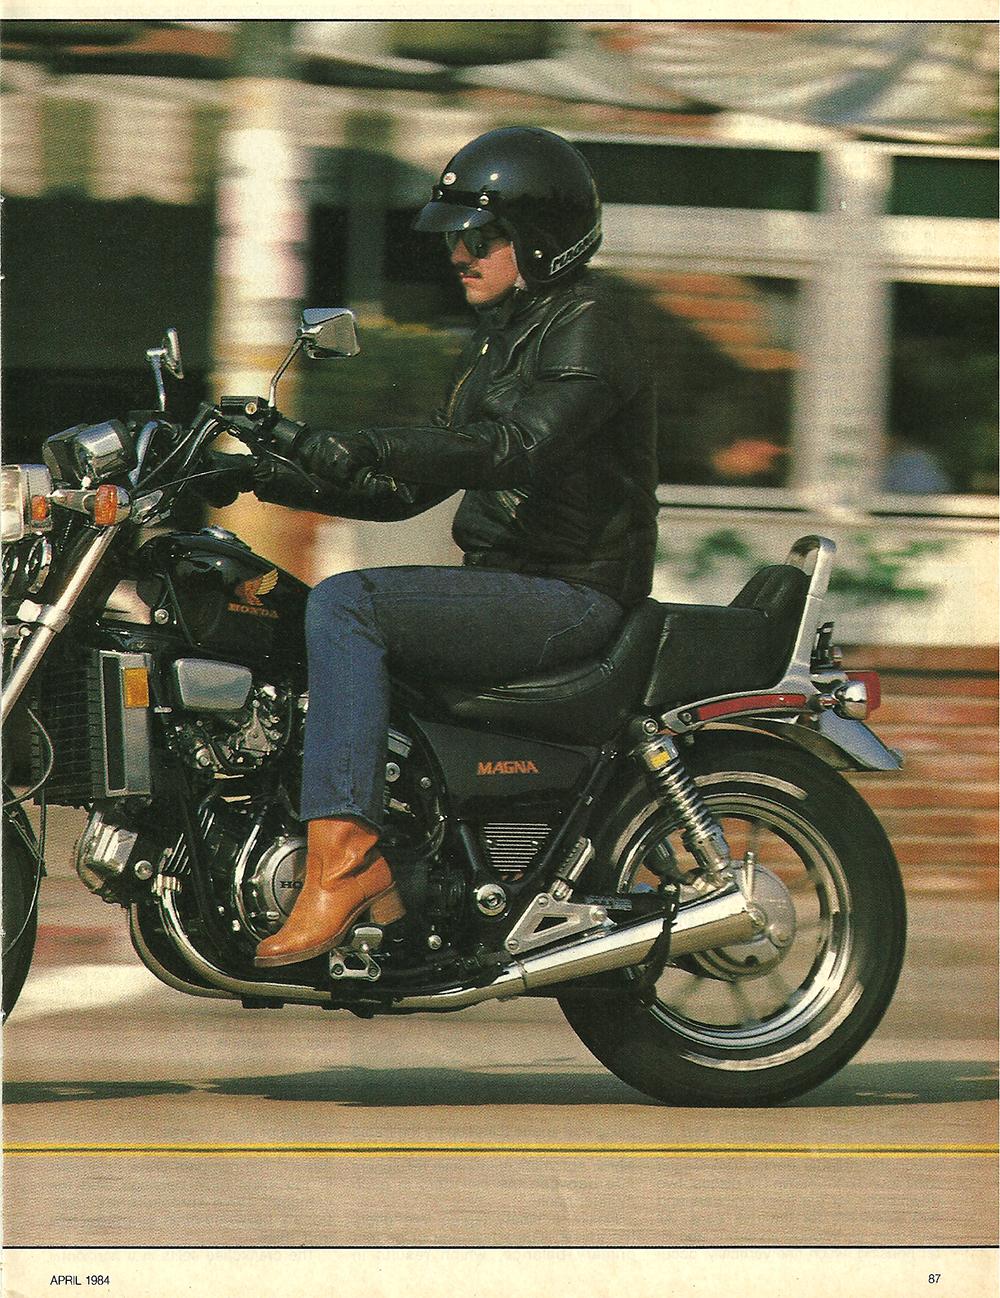 1984 Honda VF700C Magna road test 2.jpg